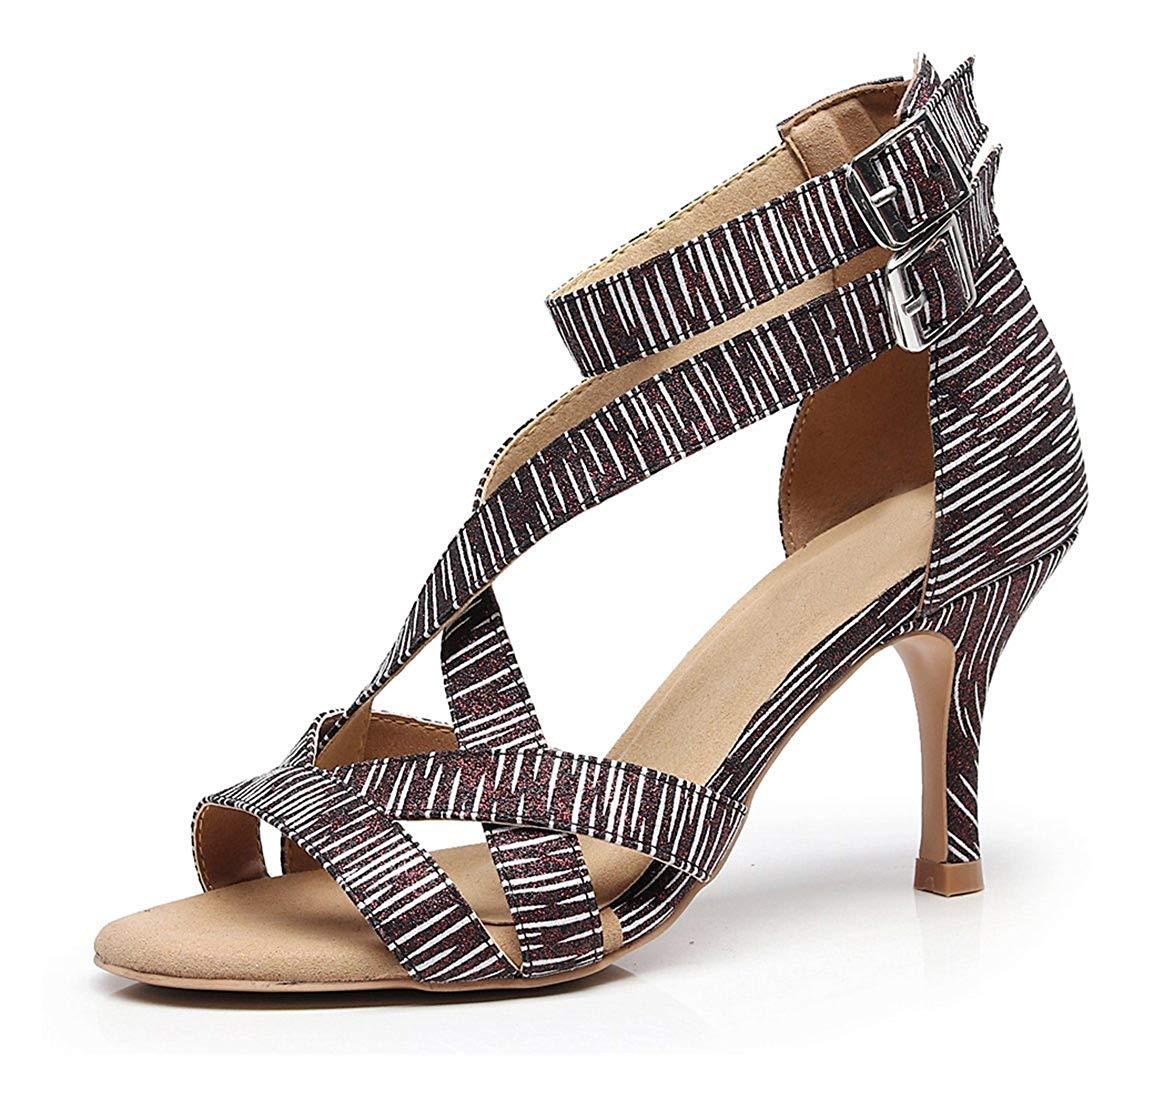 HhGold Damen weiche Gummisohle Knöchelriemen schwarz weiß Latin Salsa tanzen Schuhe Hochzeit Schuhe UK 5.5 (Farbe   - Größe   -)